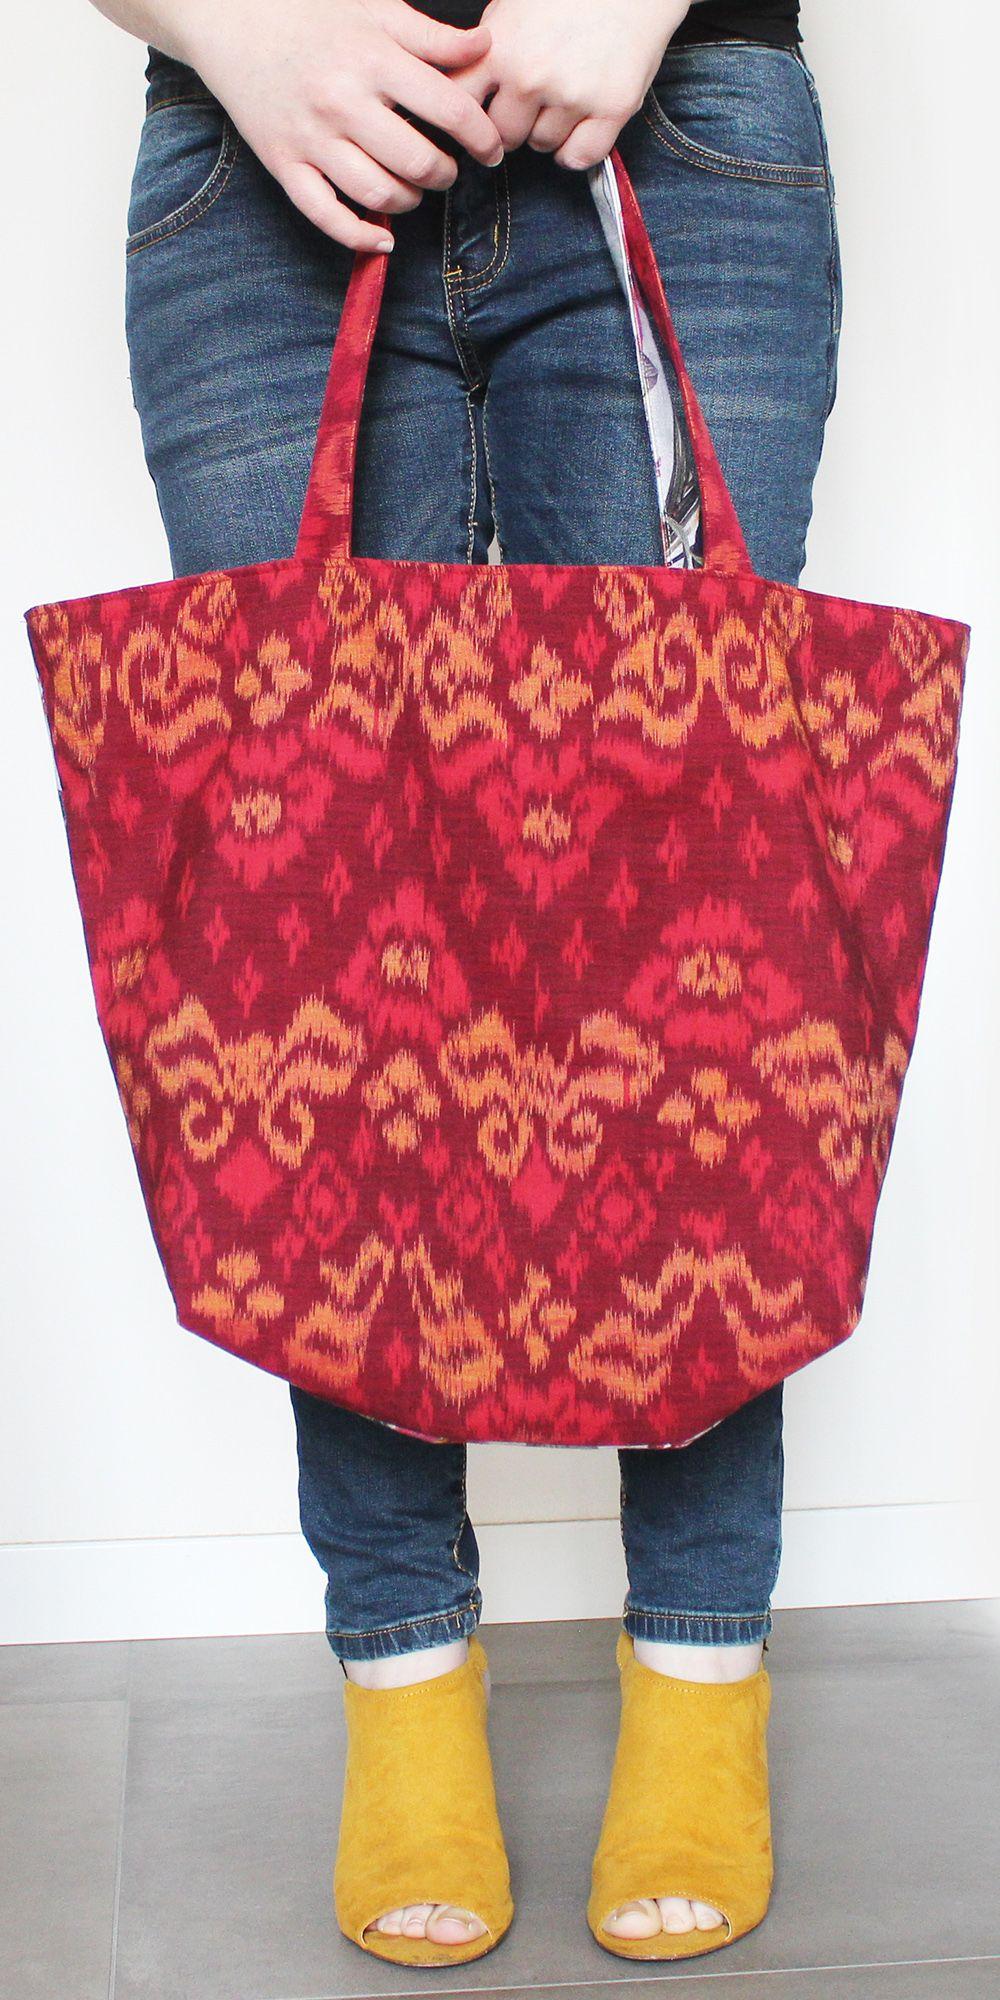 Very big bag, perfect for the beach, one of a kind!  .... Borsa molto grande, perfetta per la spiaggia, pezzo unico!